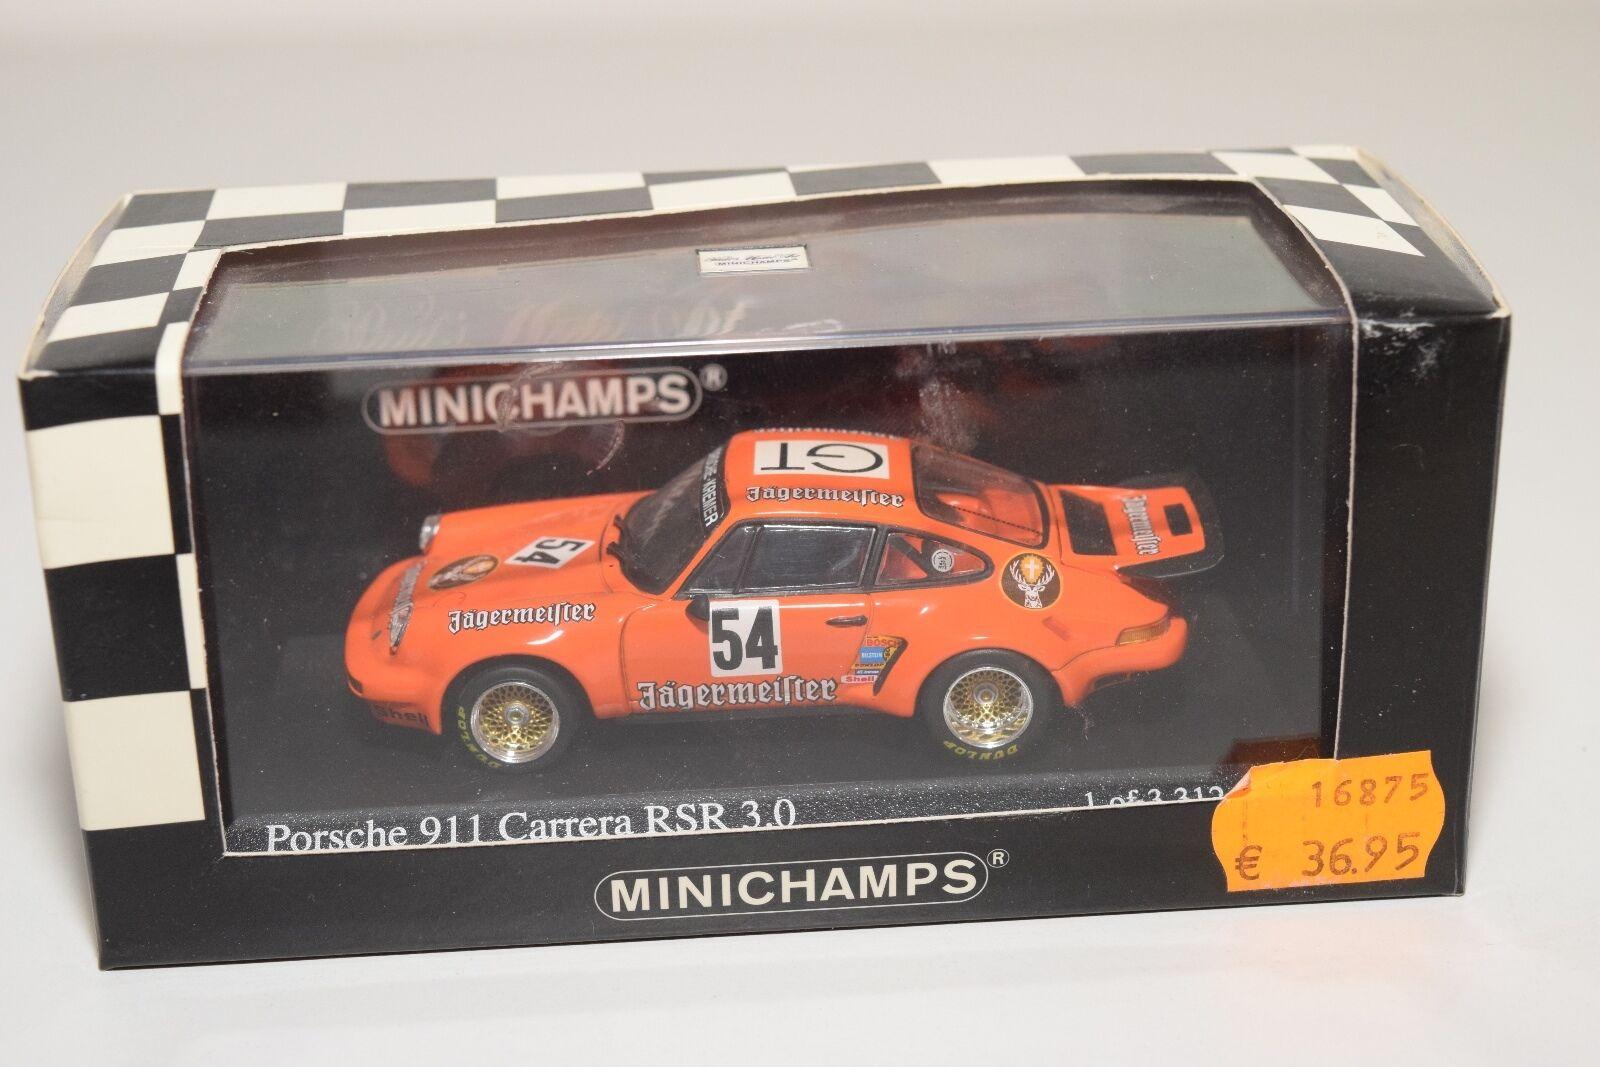 MINICHAMPS PORSCHE CARRERA 911 RSR ADAC 1000KM 2018 GT WINNER MINT BOXED RARE